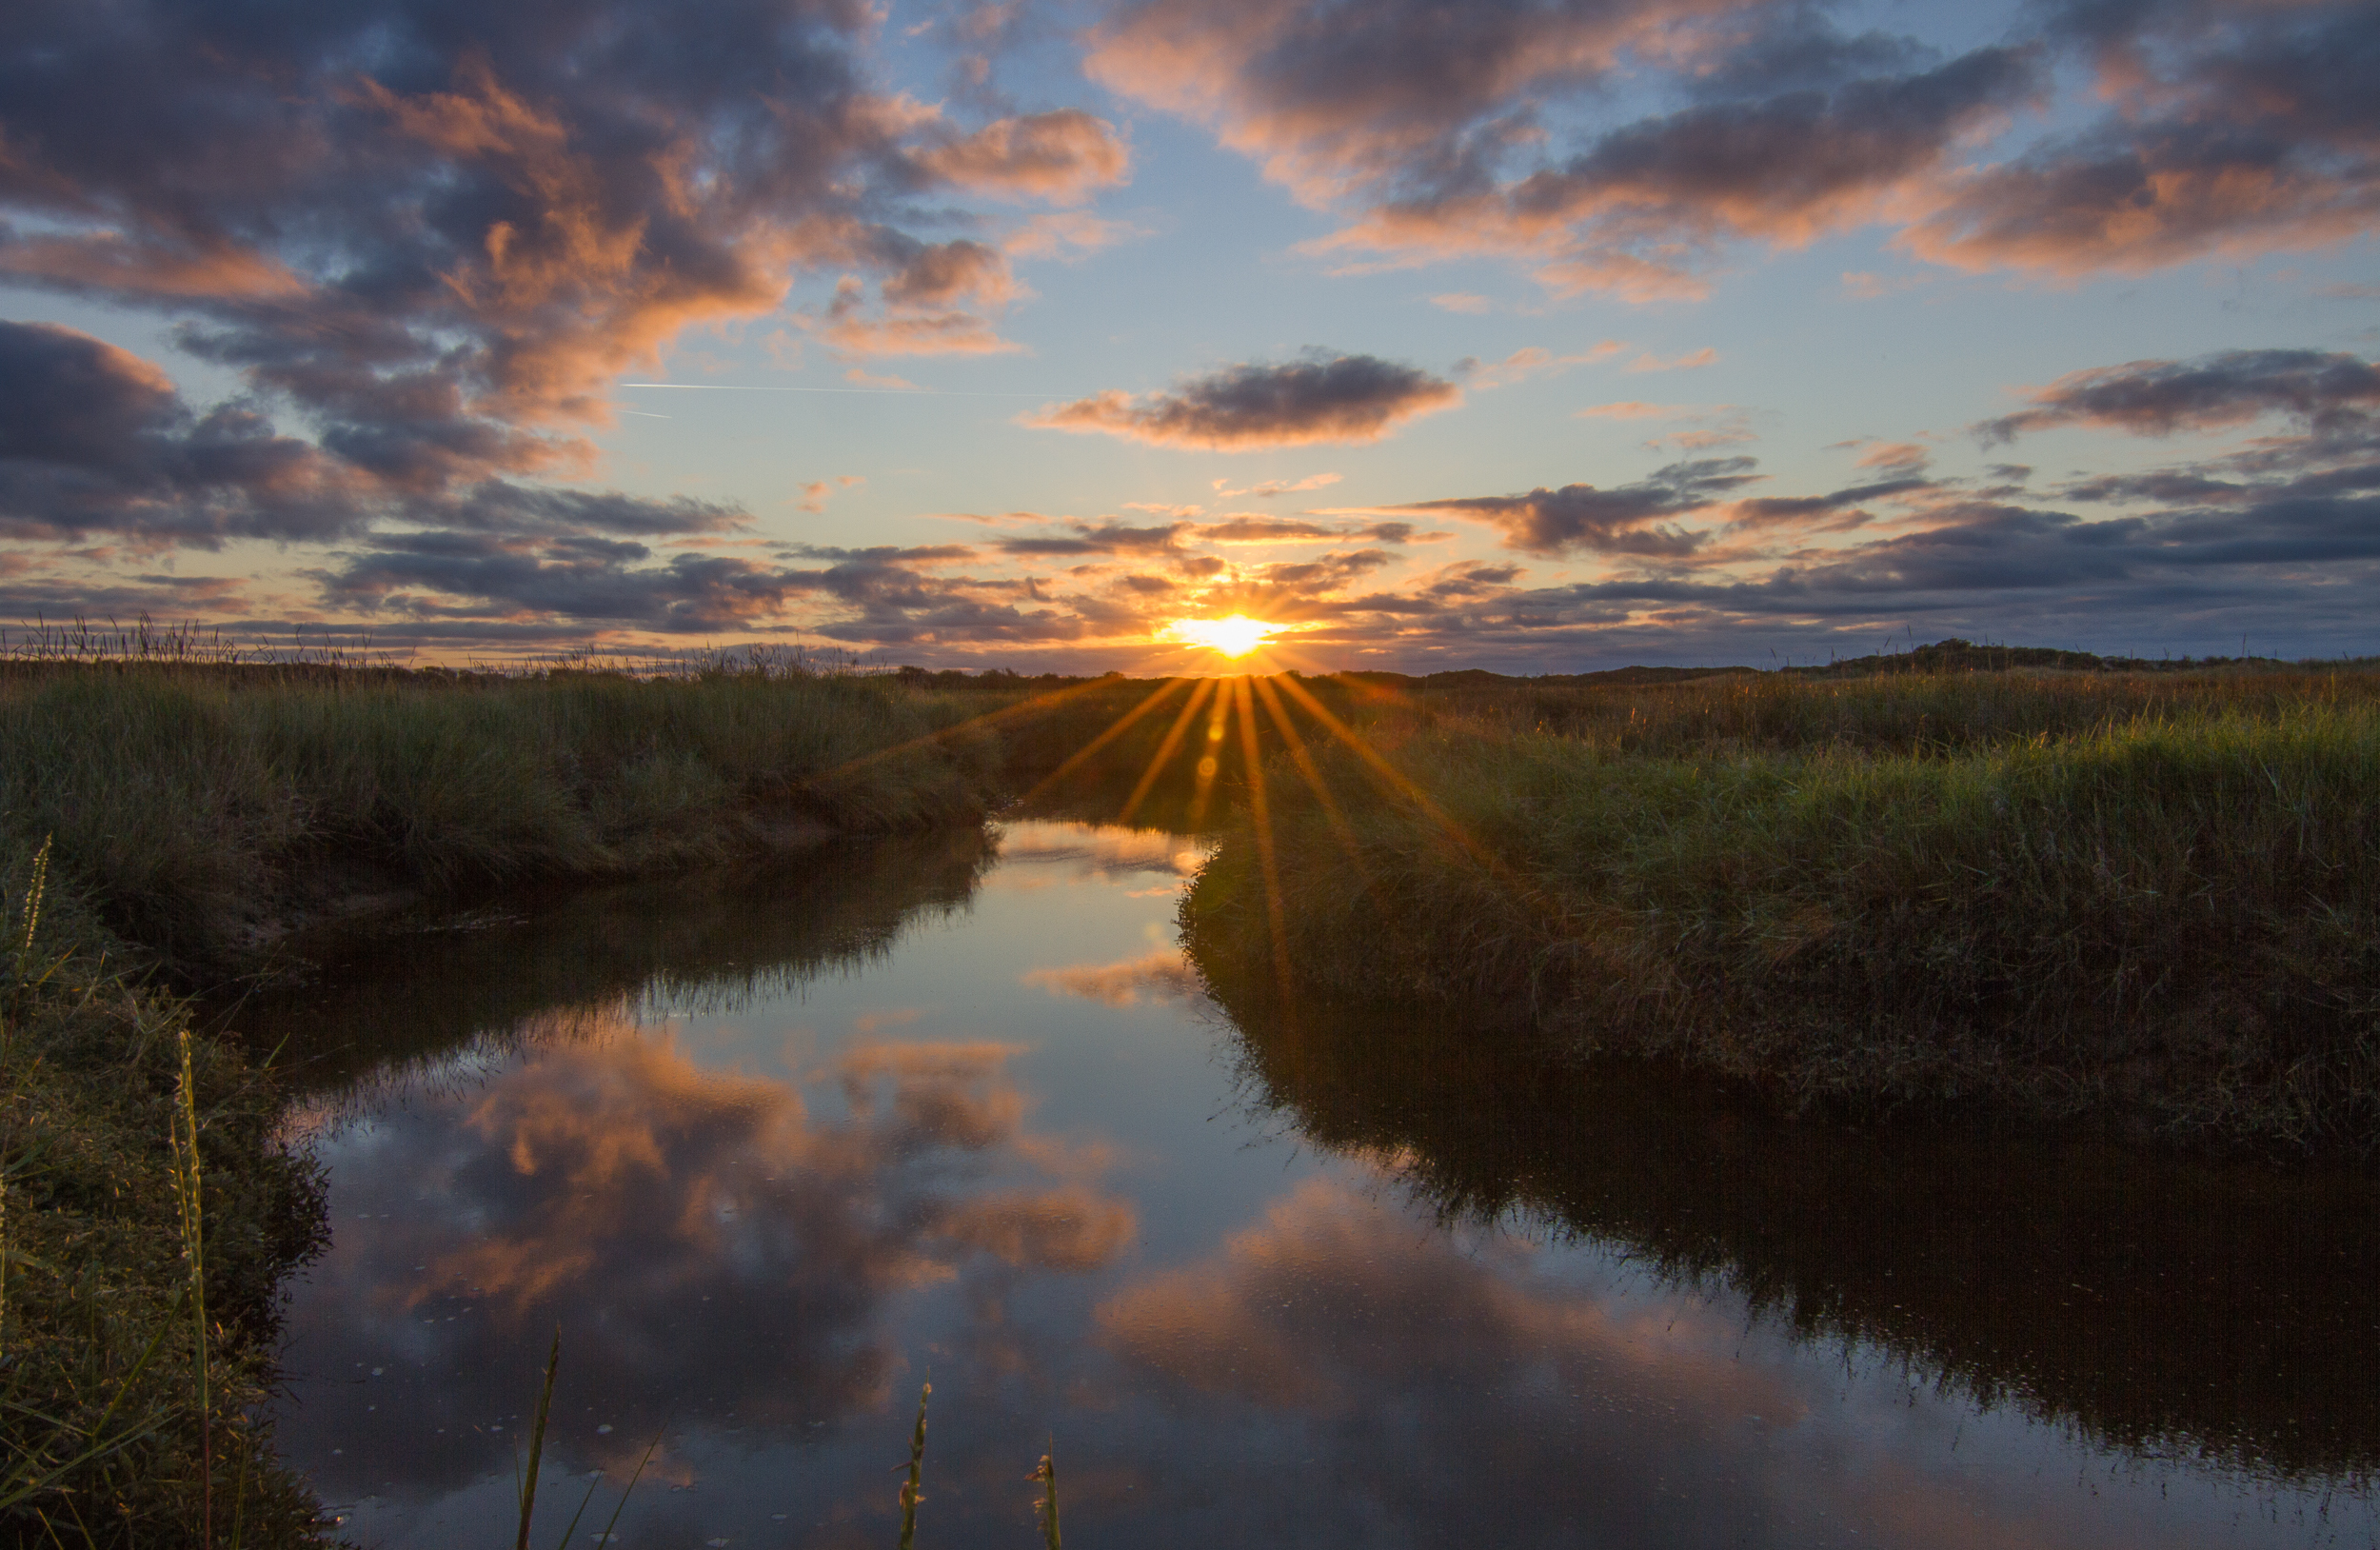 Zonsondergang in De Slufter fotowedstrijd VVV Texel Inez Vree 2